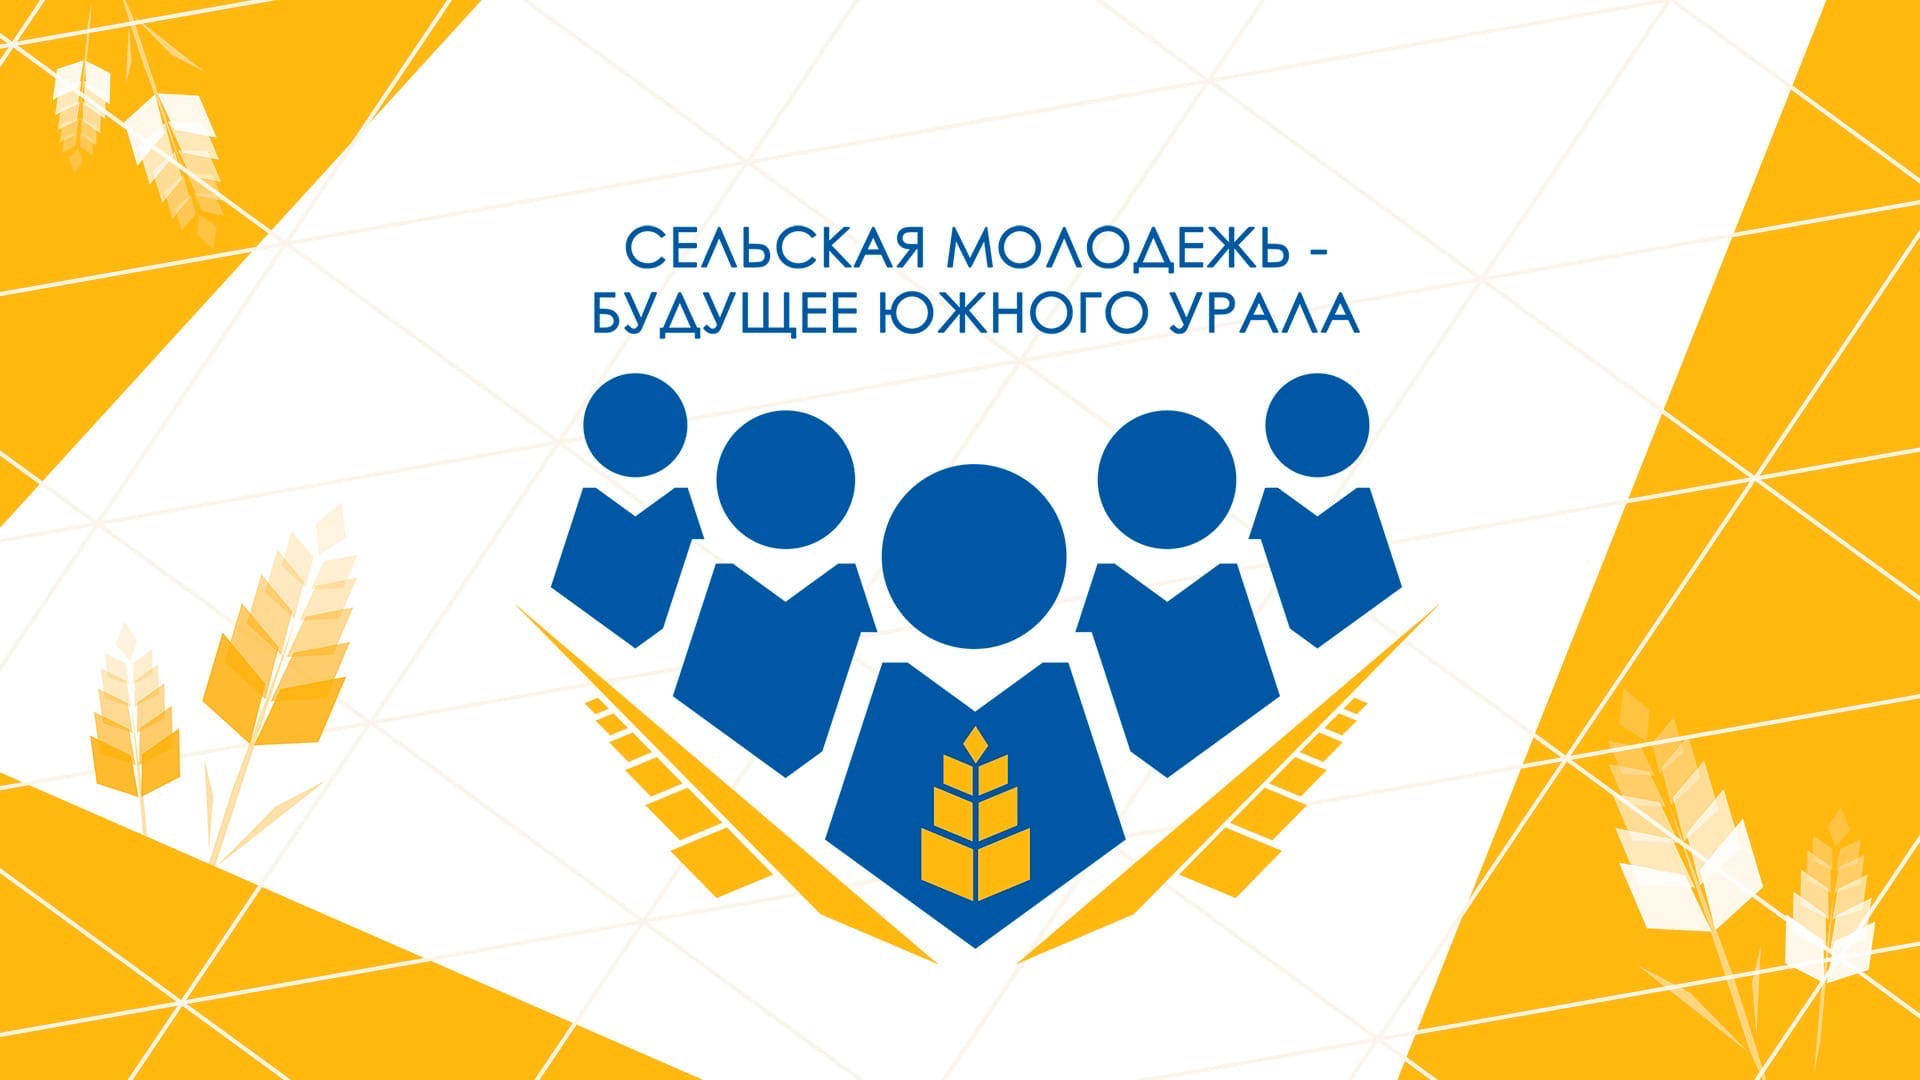 Участие Академии в программе первого образовательного семинара конкурса «Сельская молодежь – будущее Южного Урала»